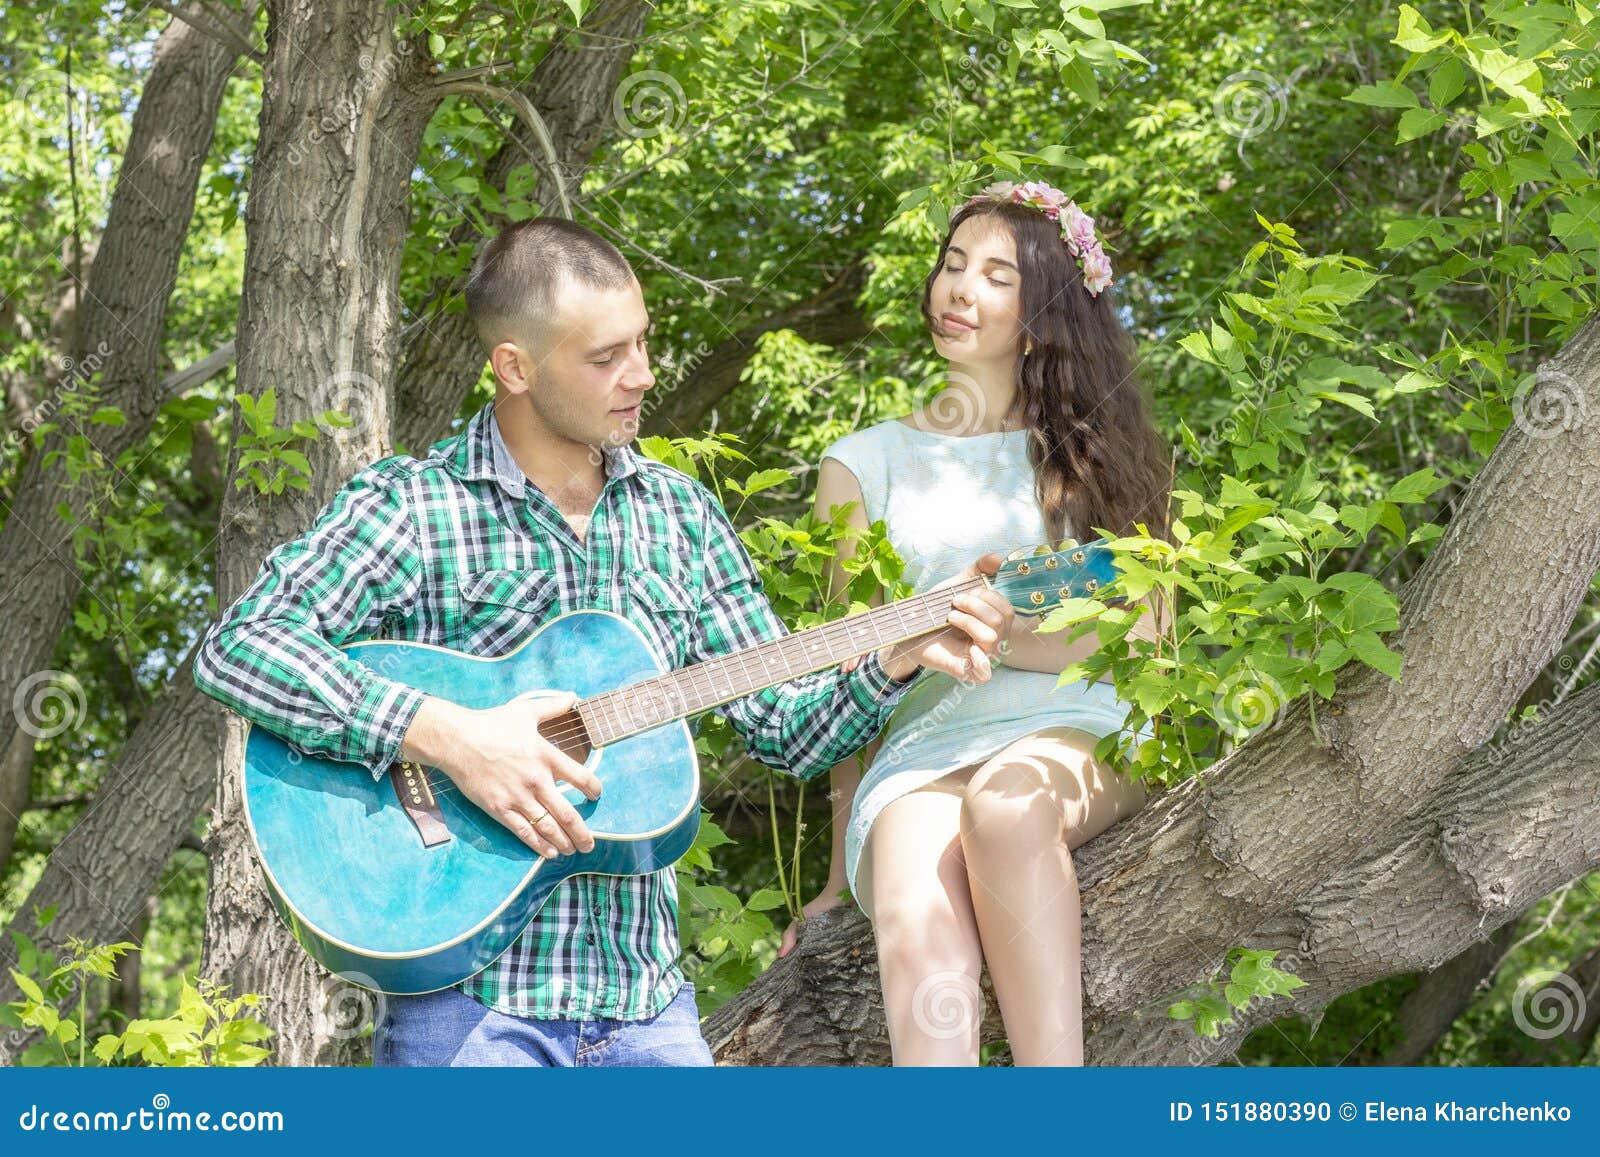 Der Kerl spielt seine geliebte Gitarre Mädchen mit Vergnügen mit geschlossenen Augen hören, sitzend auf einem Baum